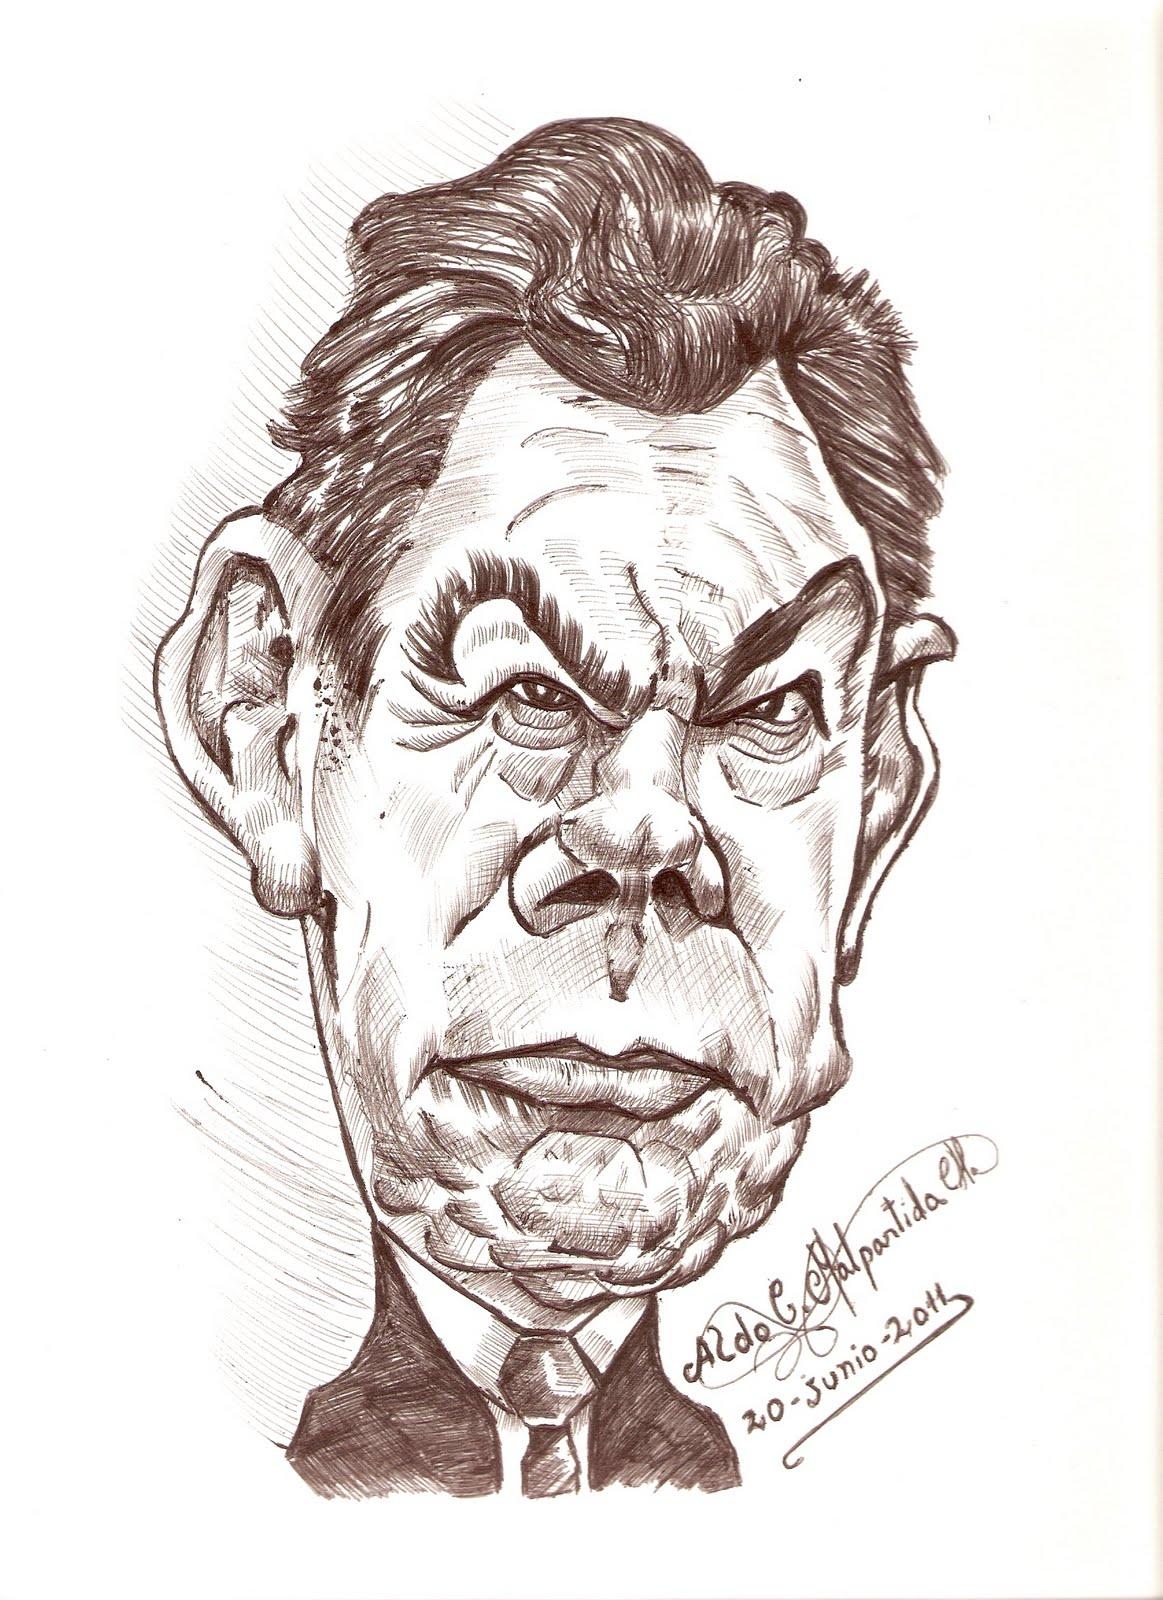 Aldo Dibujo Pintura y Artes: Caricatura de Juan Manuel Santos ...